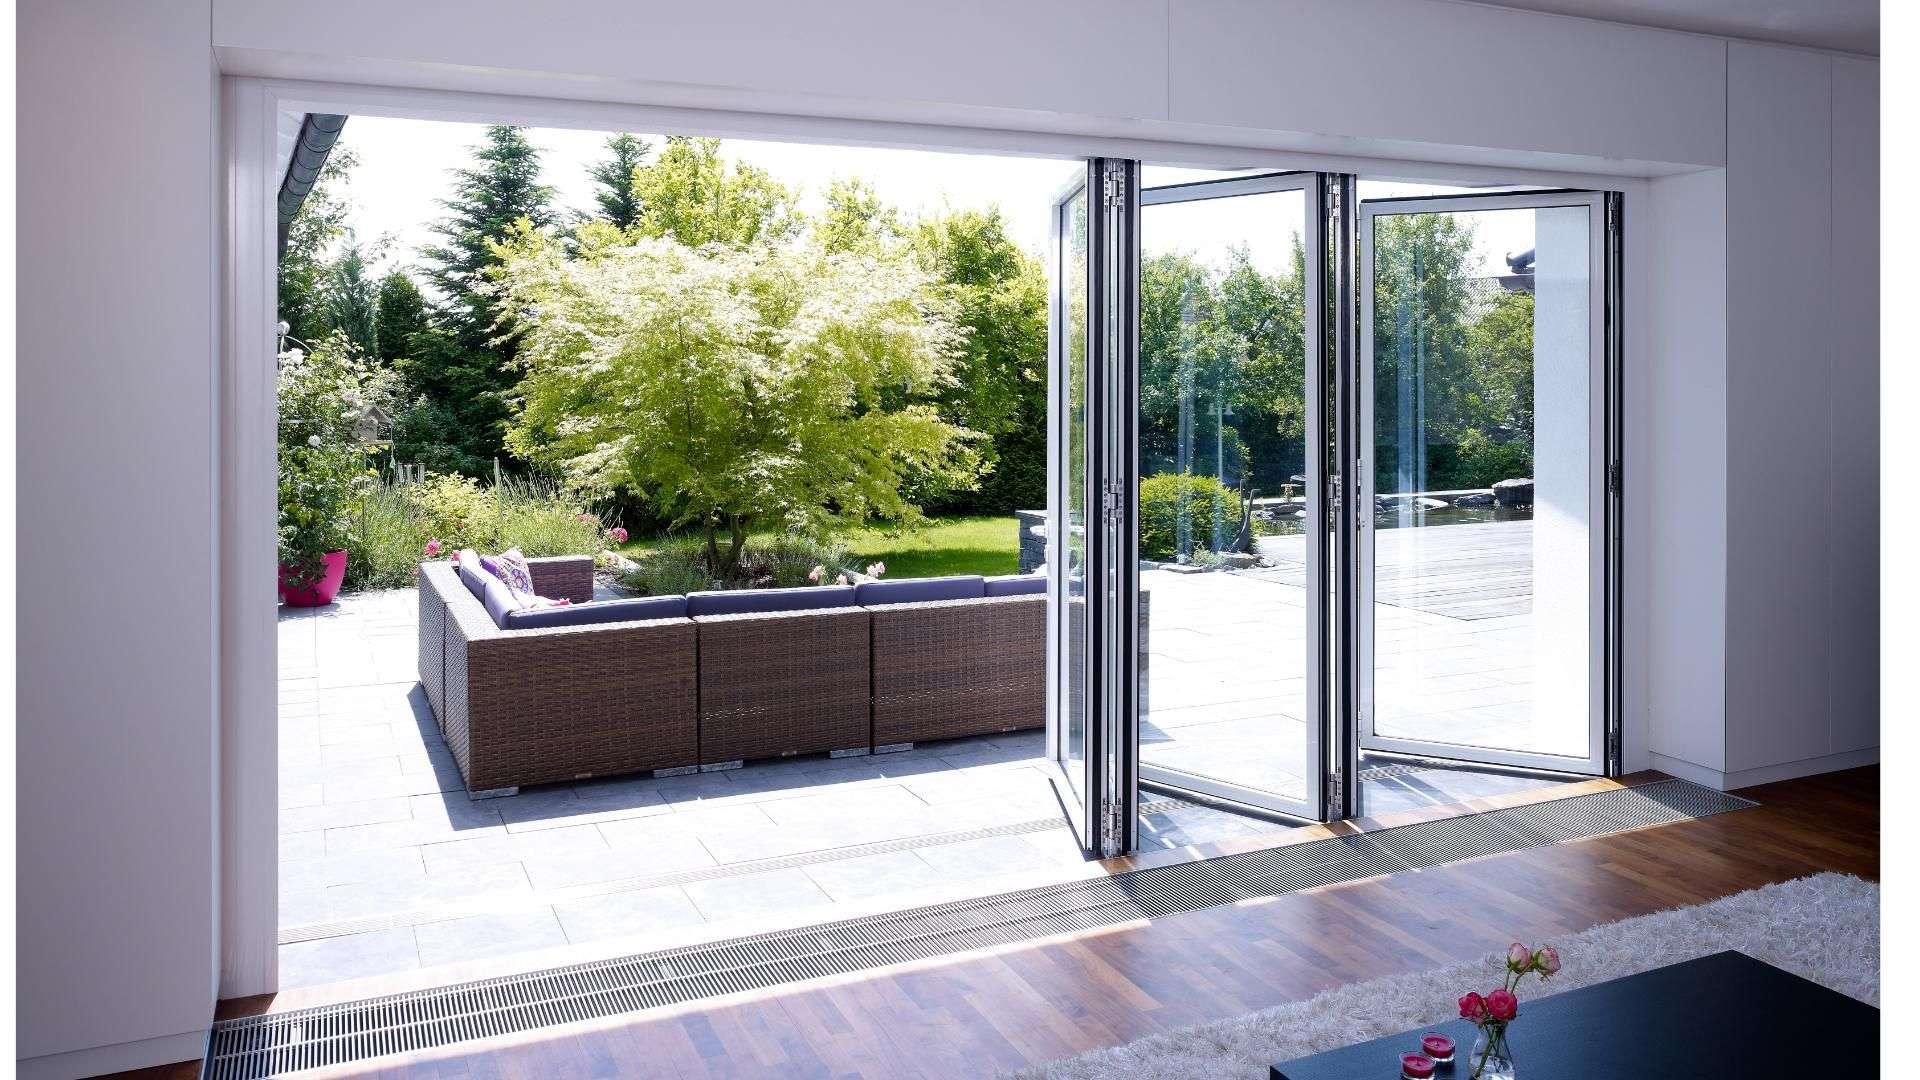 Halb-geöffnete Glas-Faltwand zwischen Terrasse und Wohnzimmer